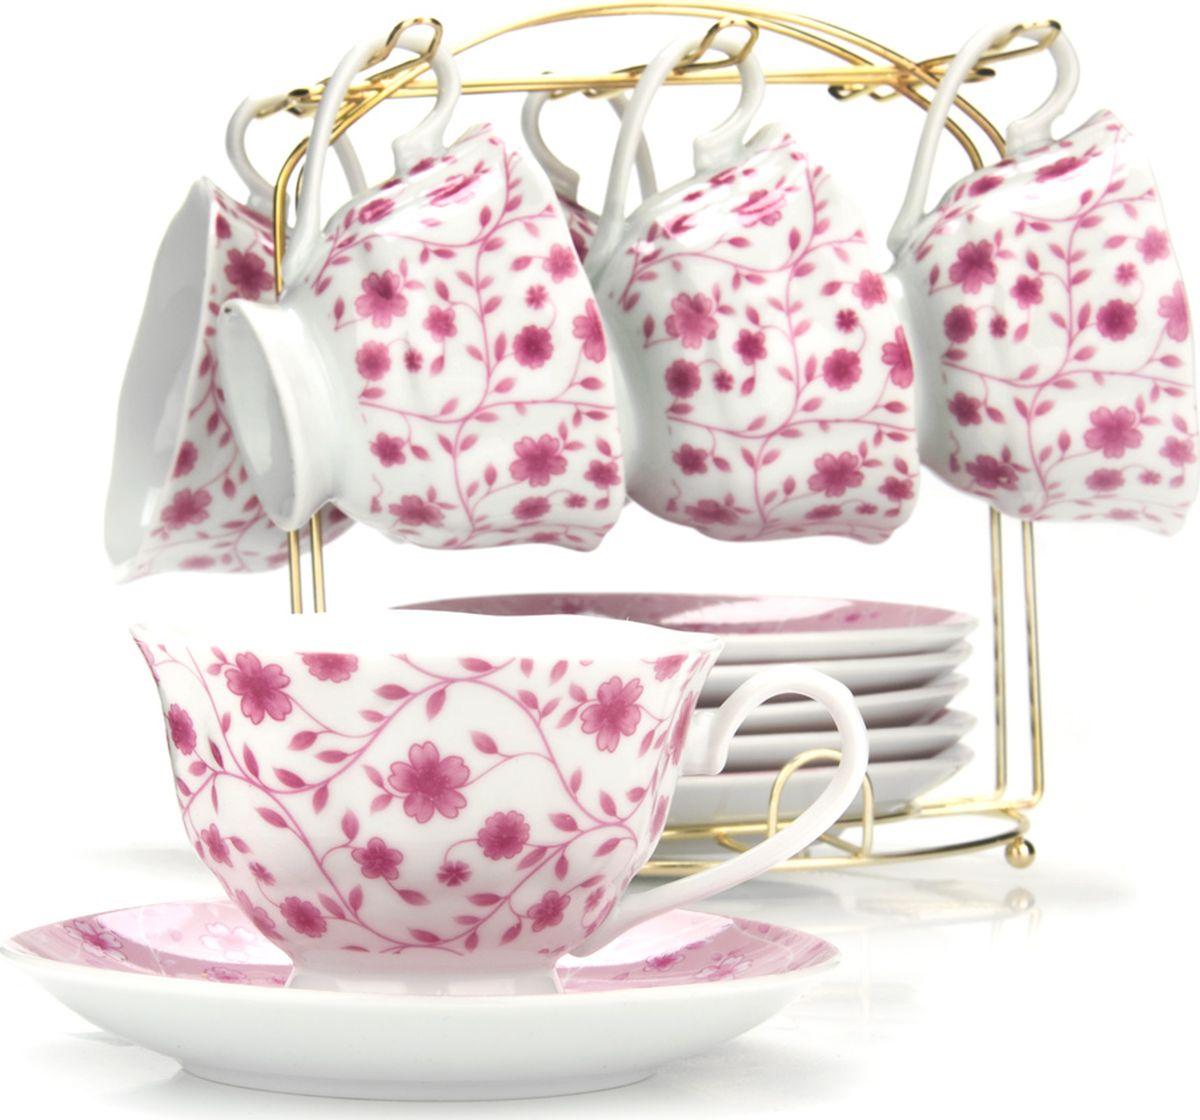 Сервиз чайный Loraine, на подставке, 13 предметов. 43297 сервиз чайный loraine на подставке 13 предметов 43294